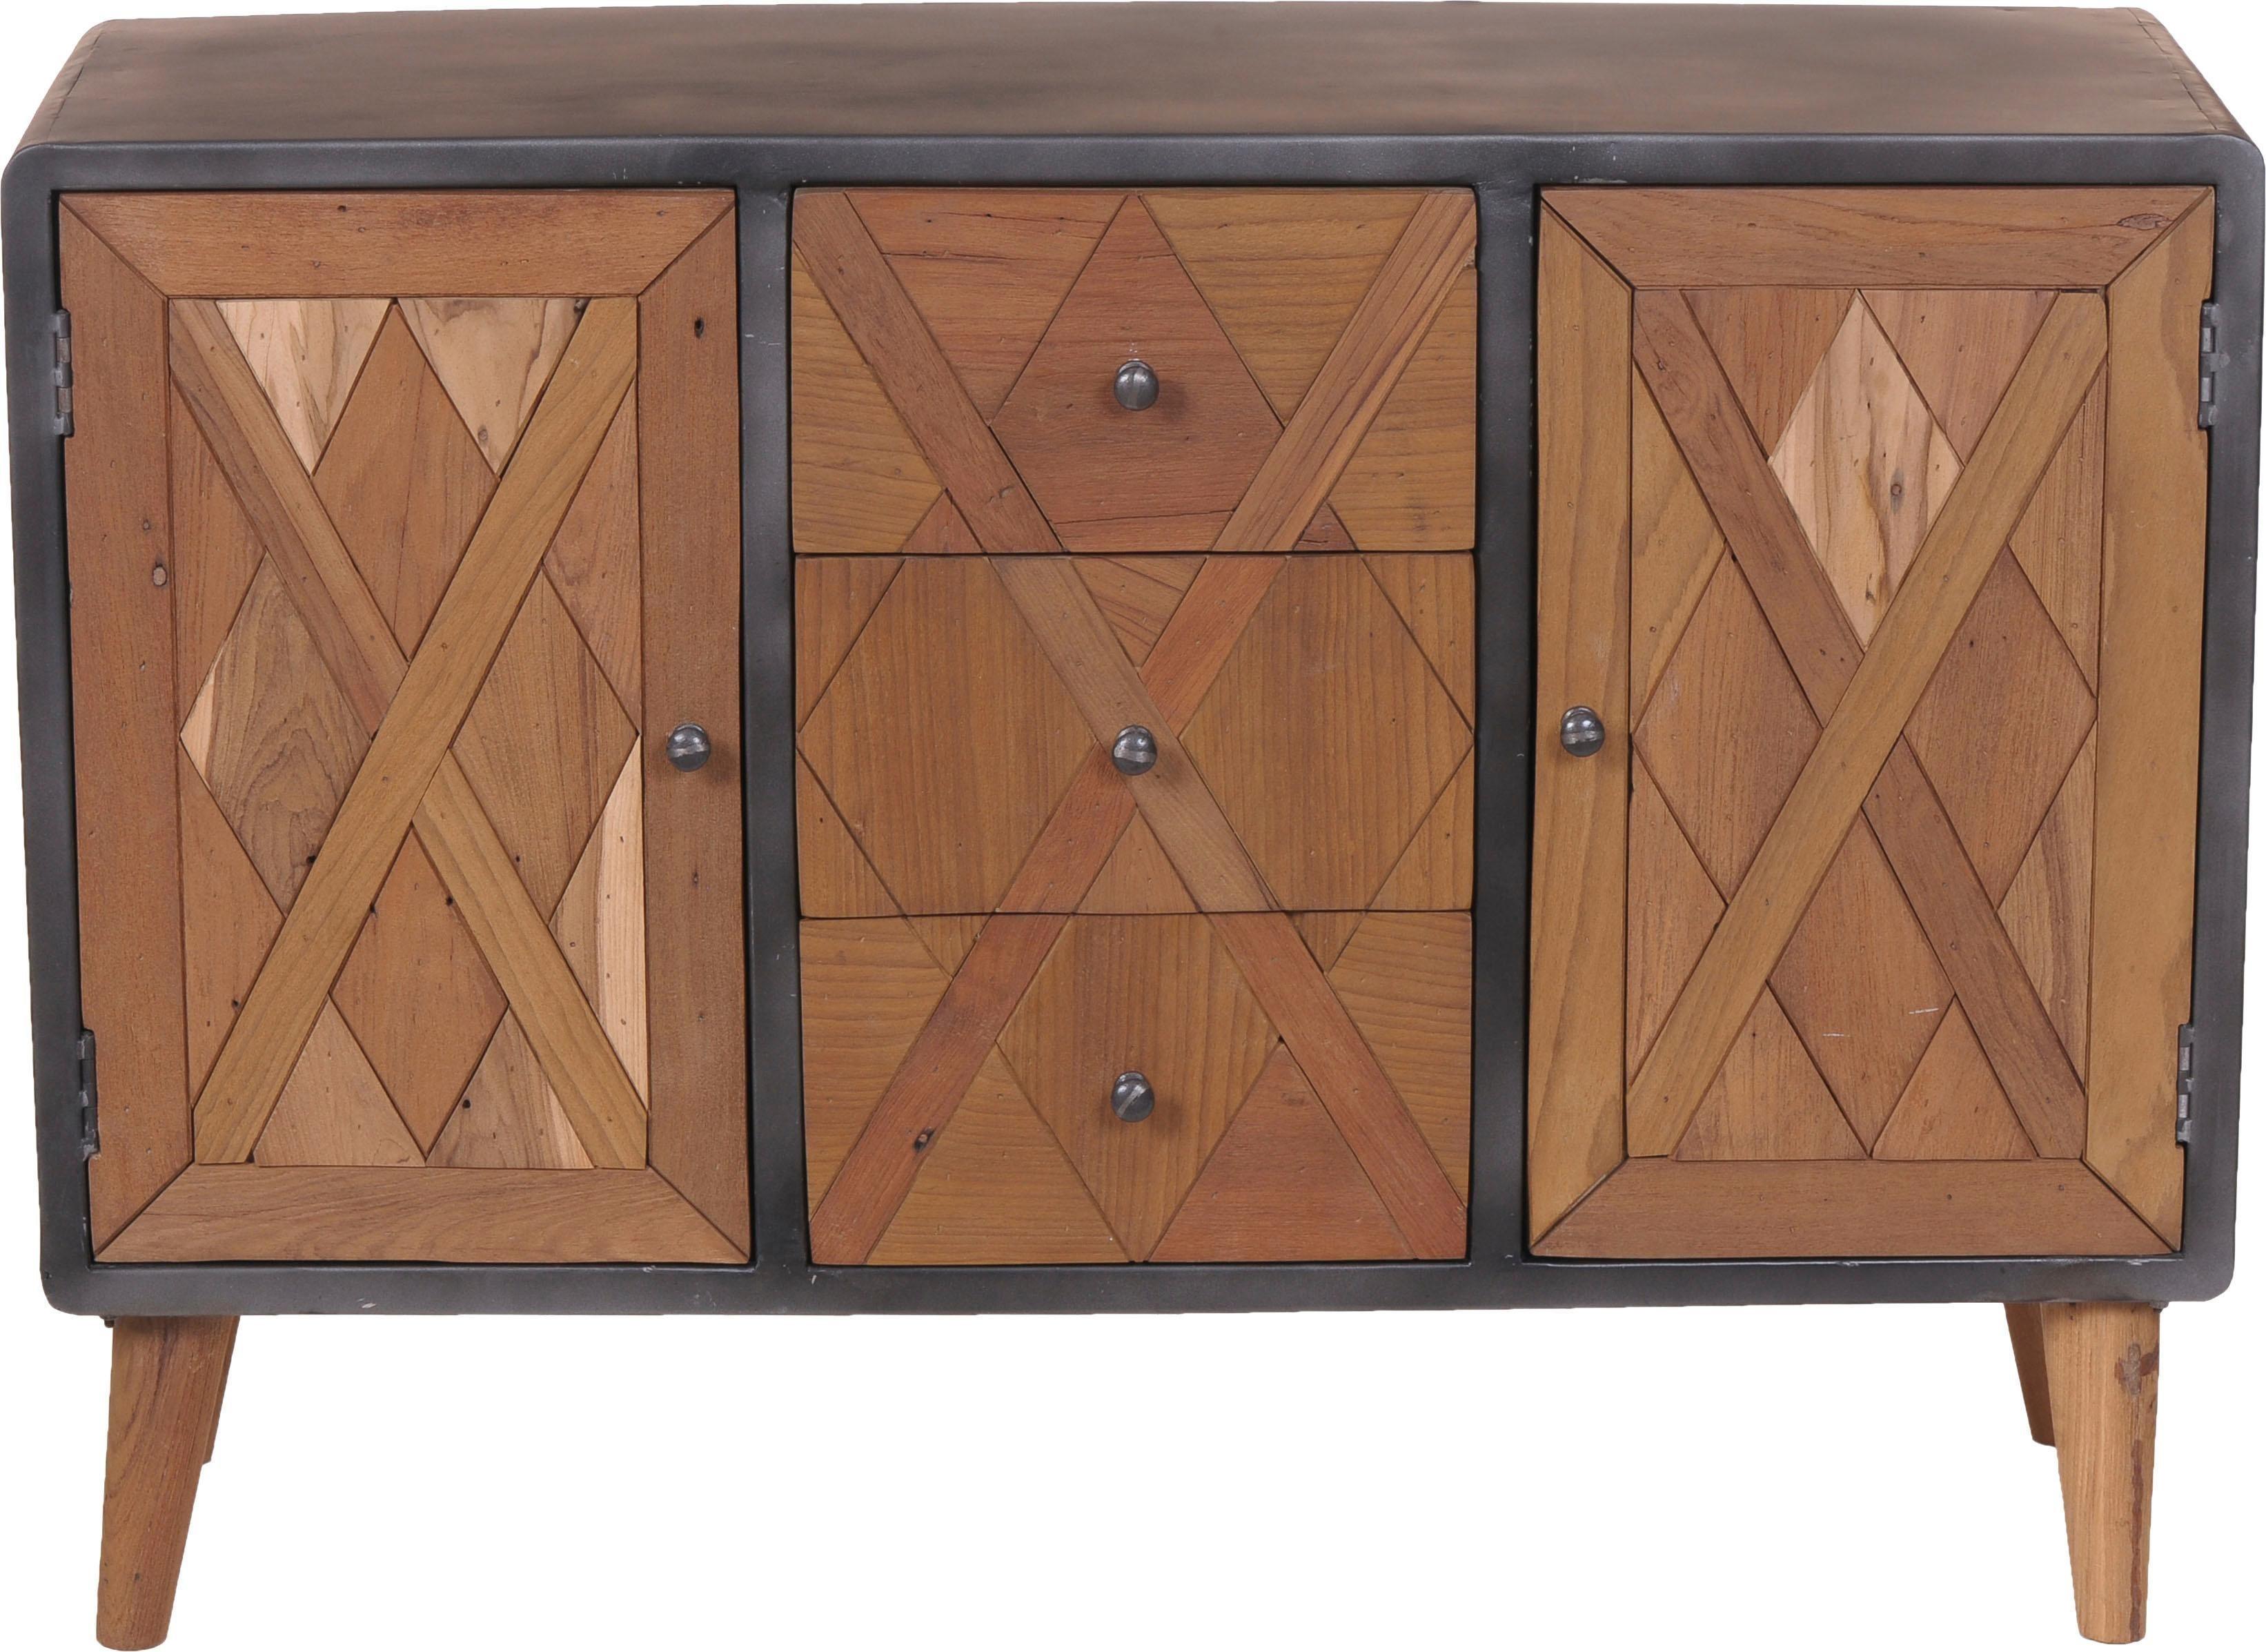 Teakholz möbel wohnzimmer  teak-holz Sideboards online kaufen | Möbel-Suchmaschine | ladendirekt.de